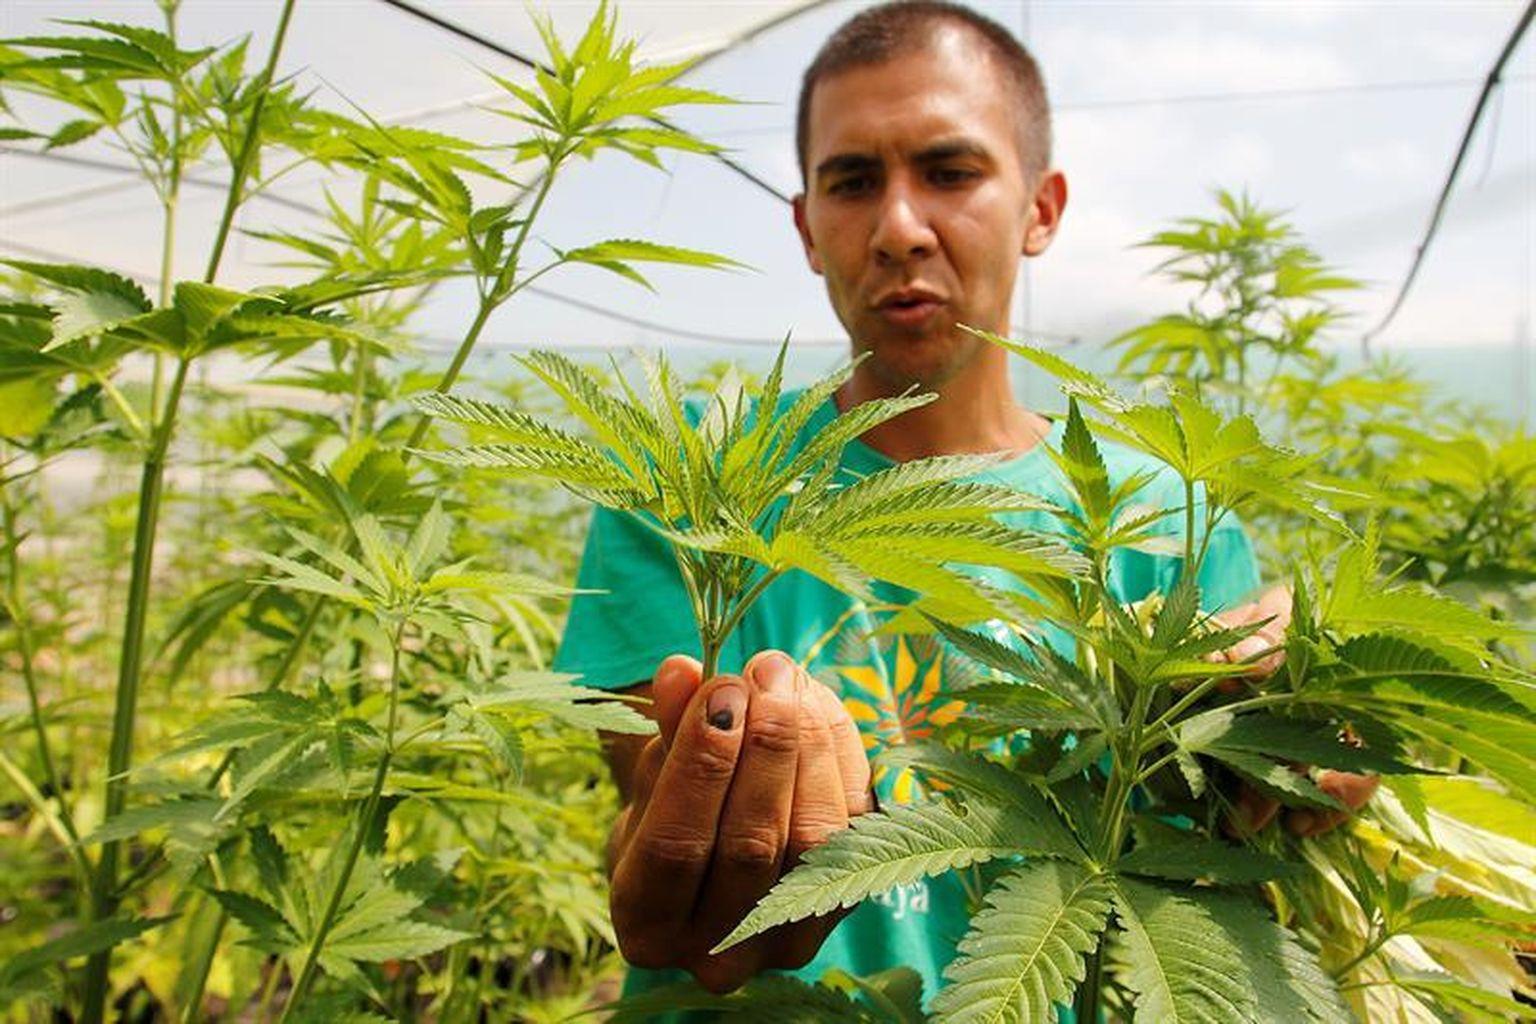 Nación Cannabis | Podríamos importar productos de cannabis medicinal de Uruguay